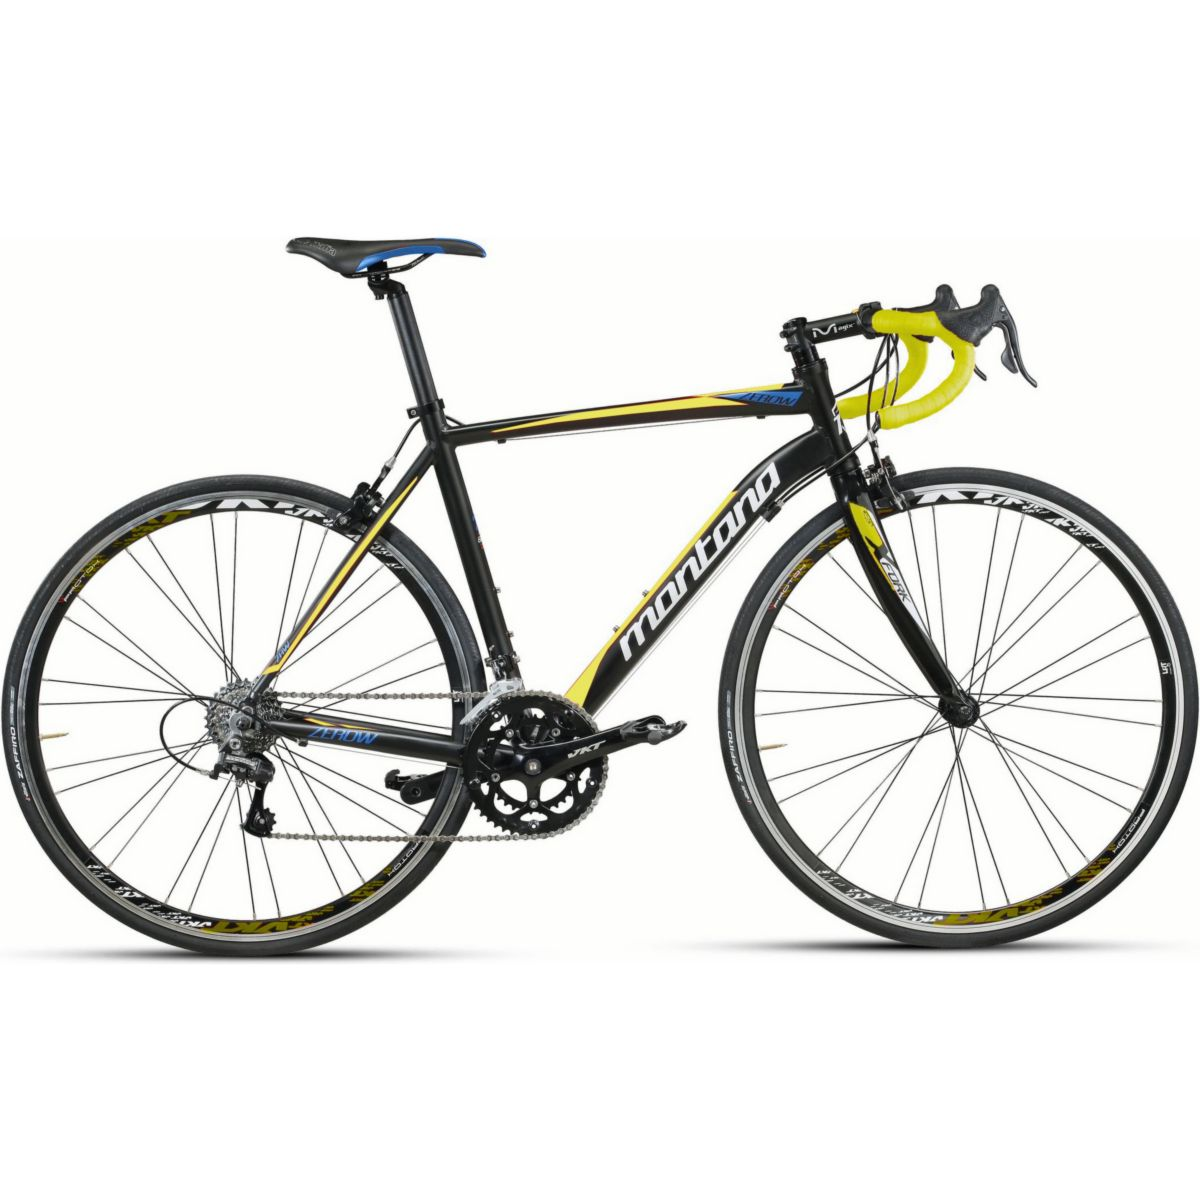 28 Zoll Montana Zerow Herren Rennrad Campagnolo 20 Gang schwarz-gelb, 55cm - broschei